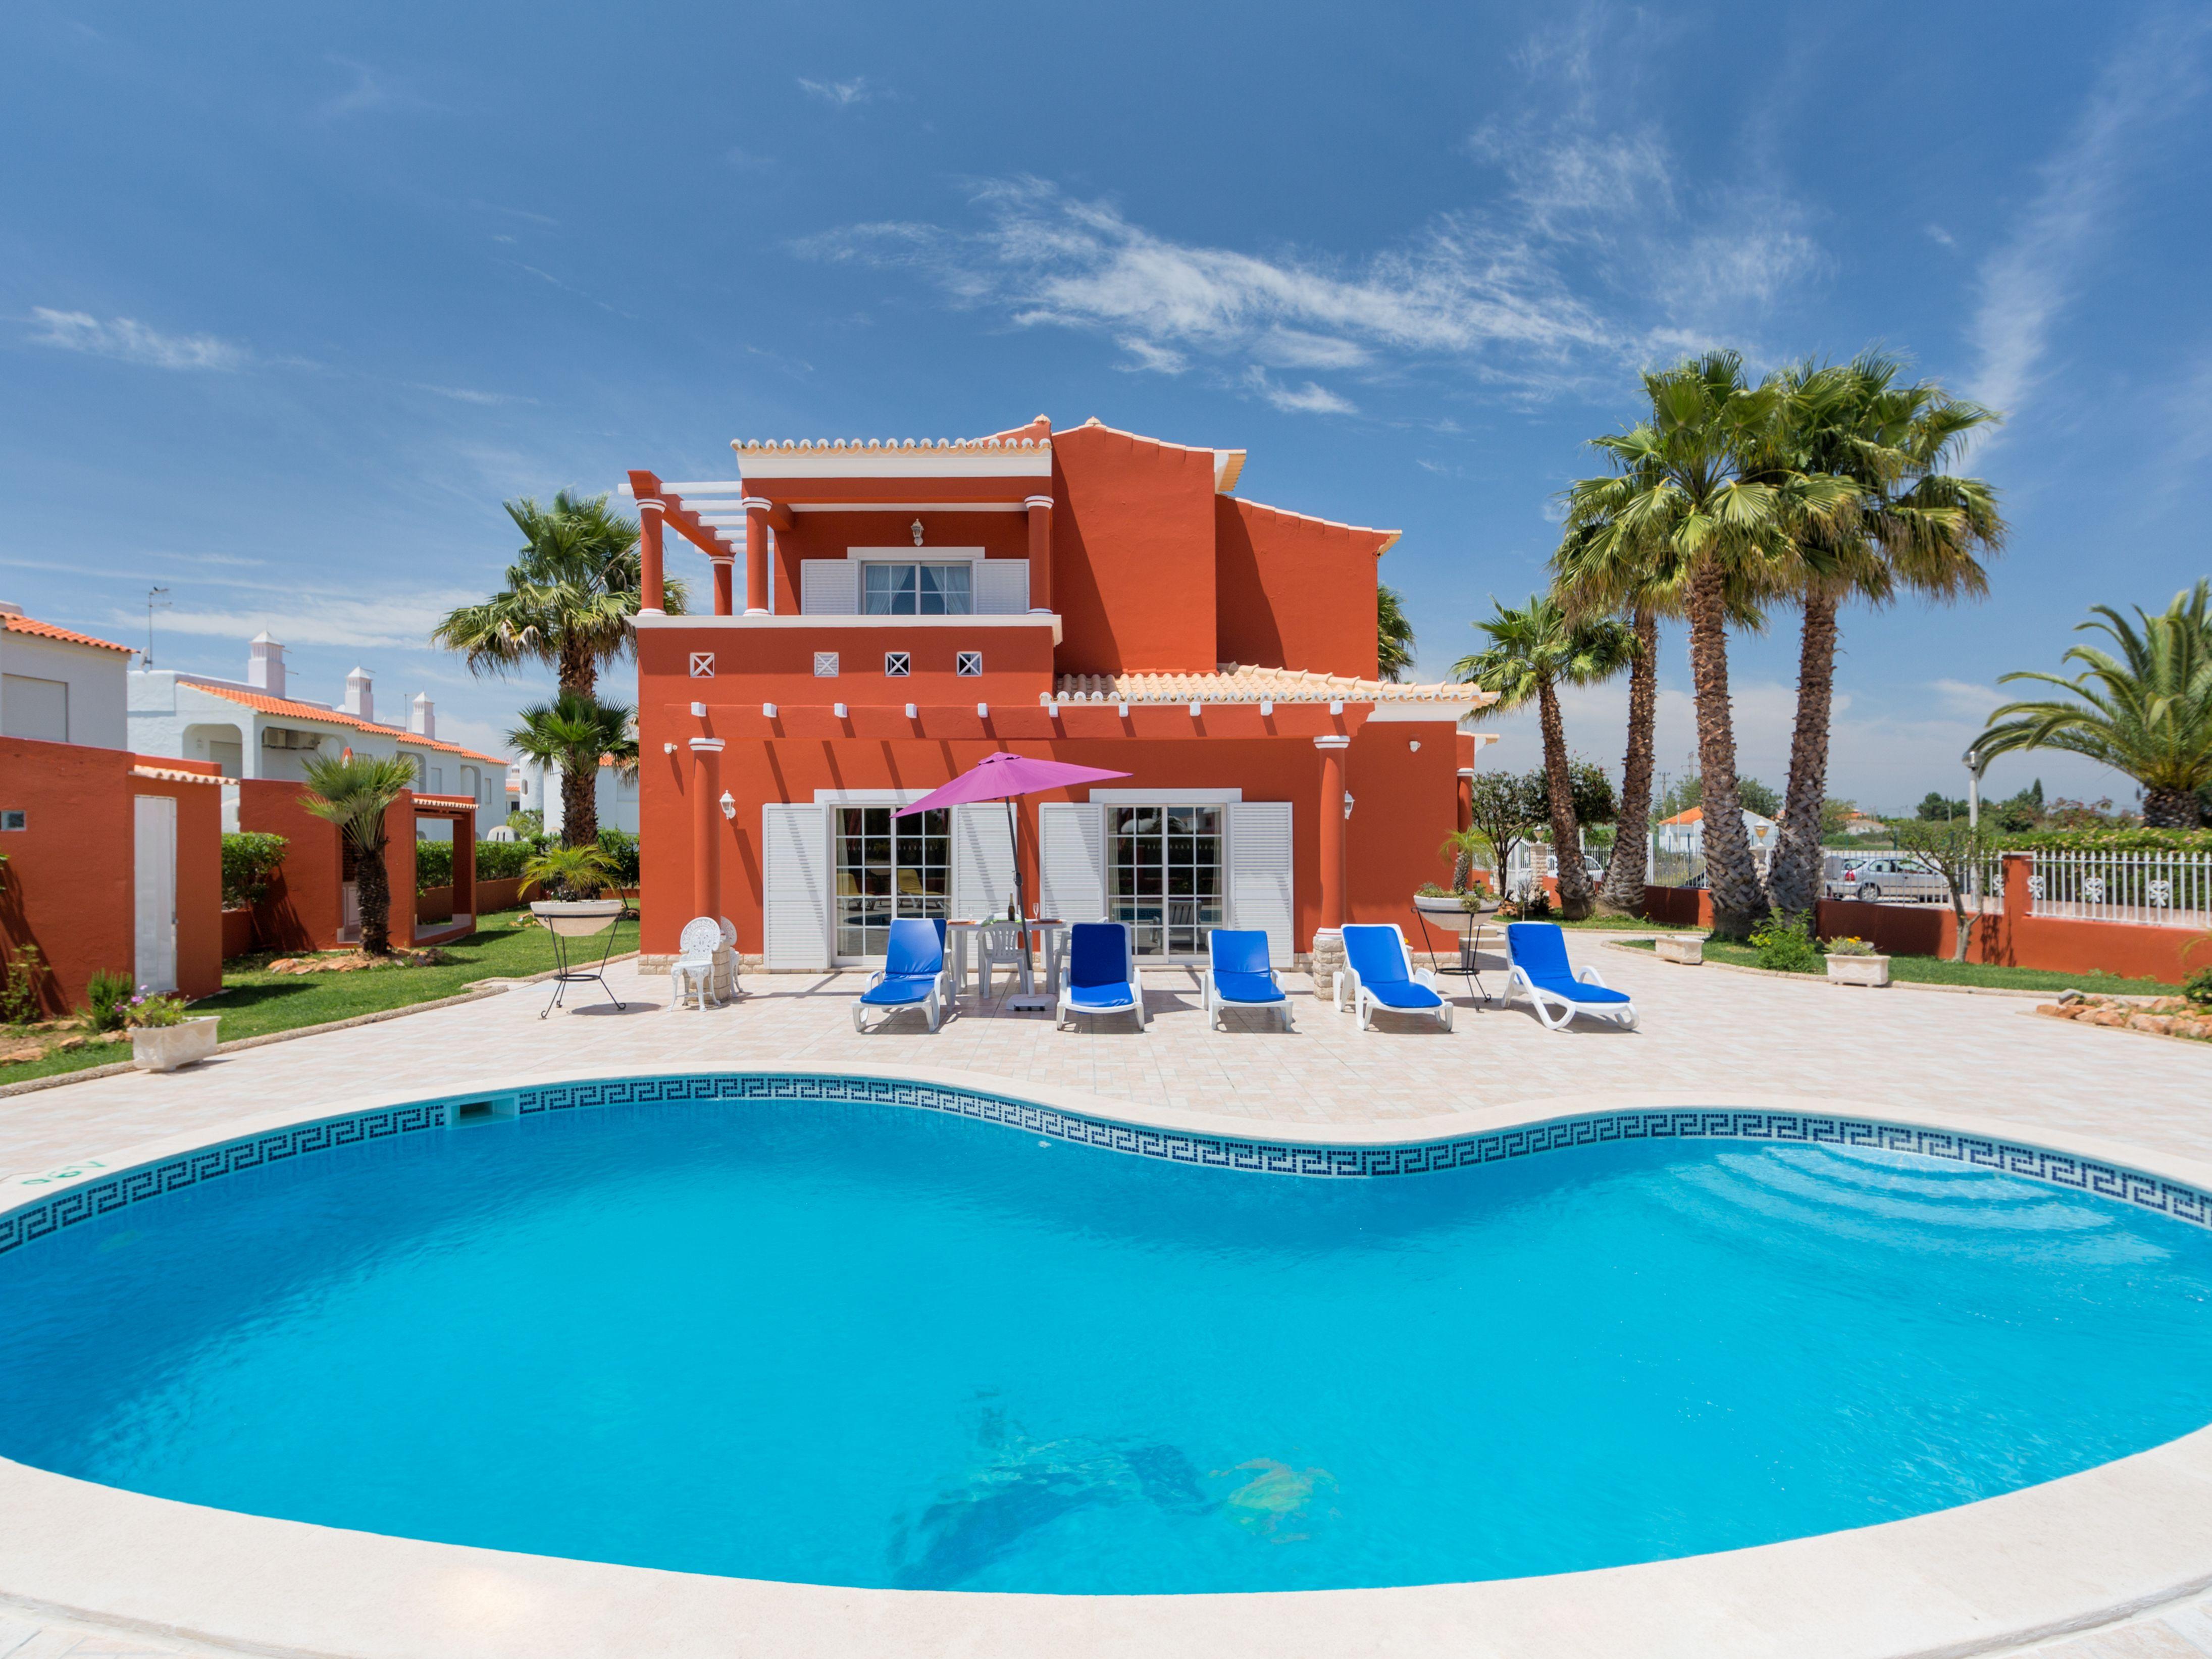 Location maison ete portugal - Location maison algarve avec piscine ...